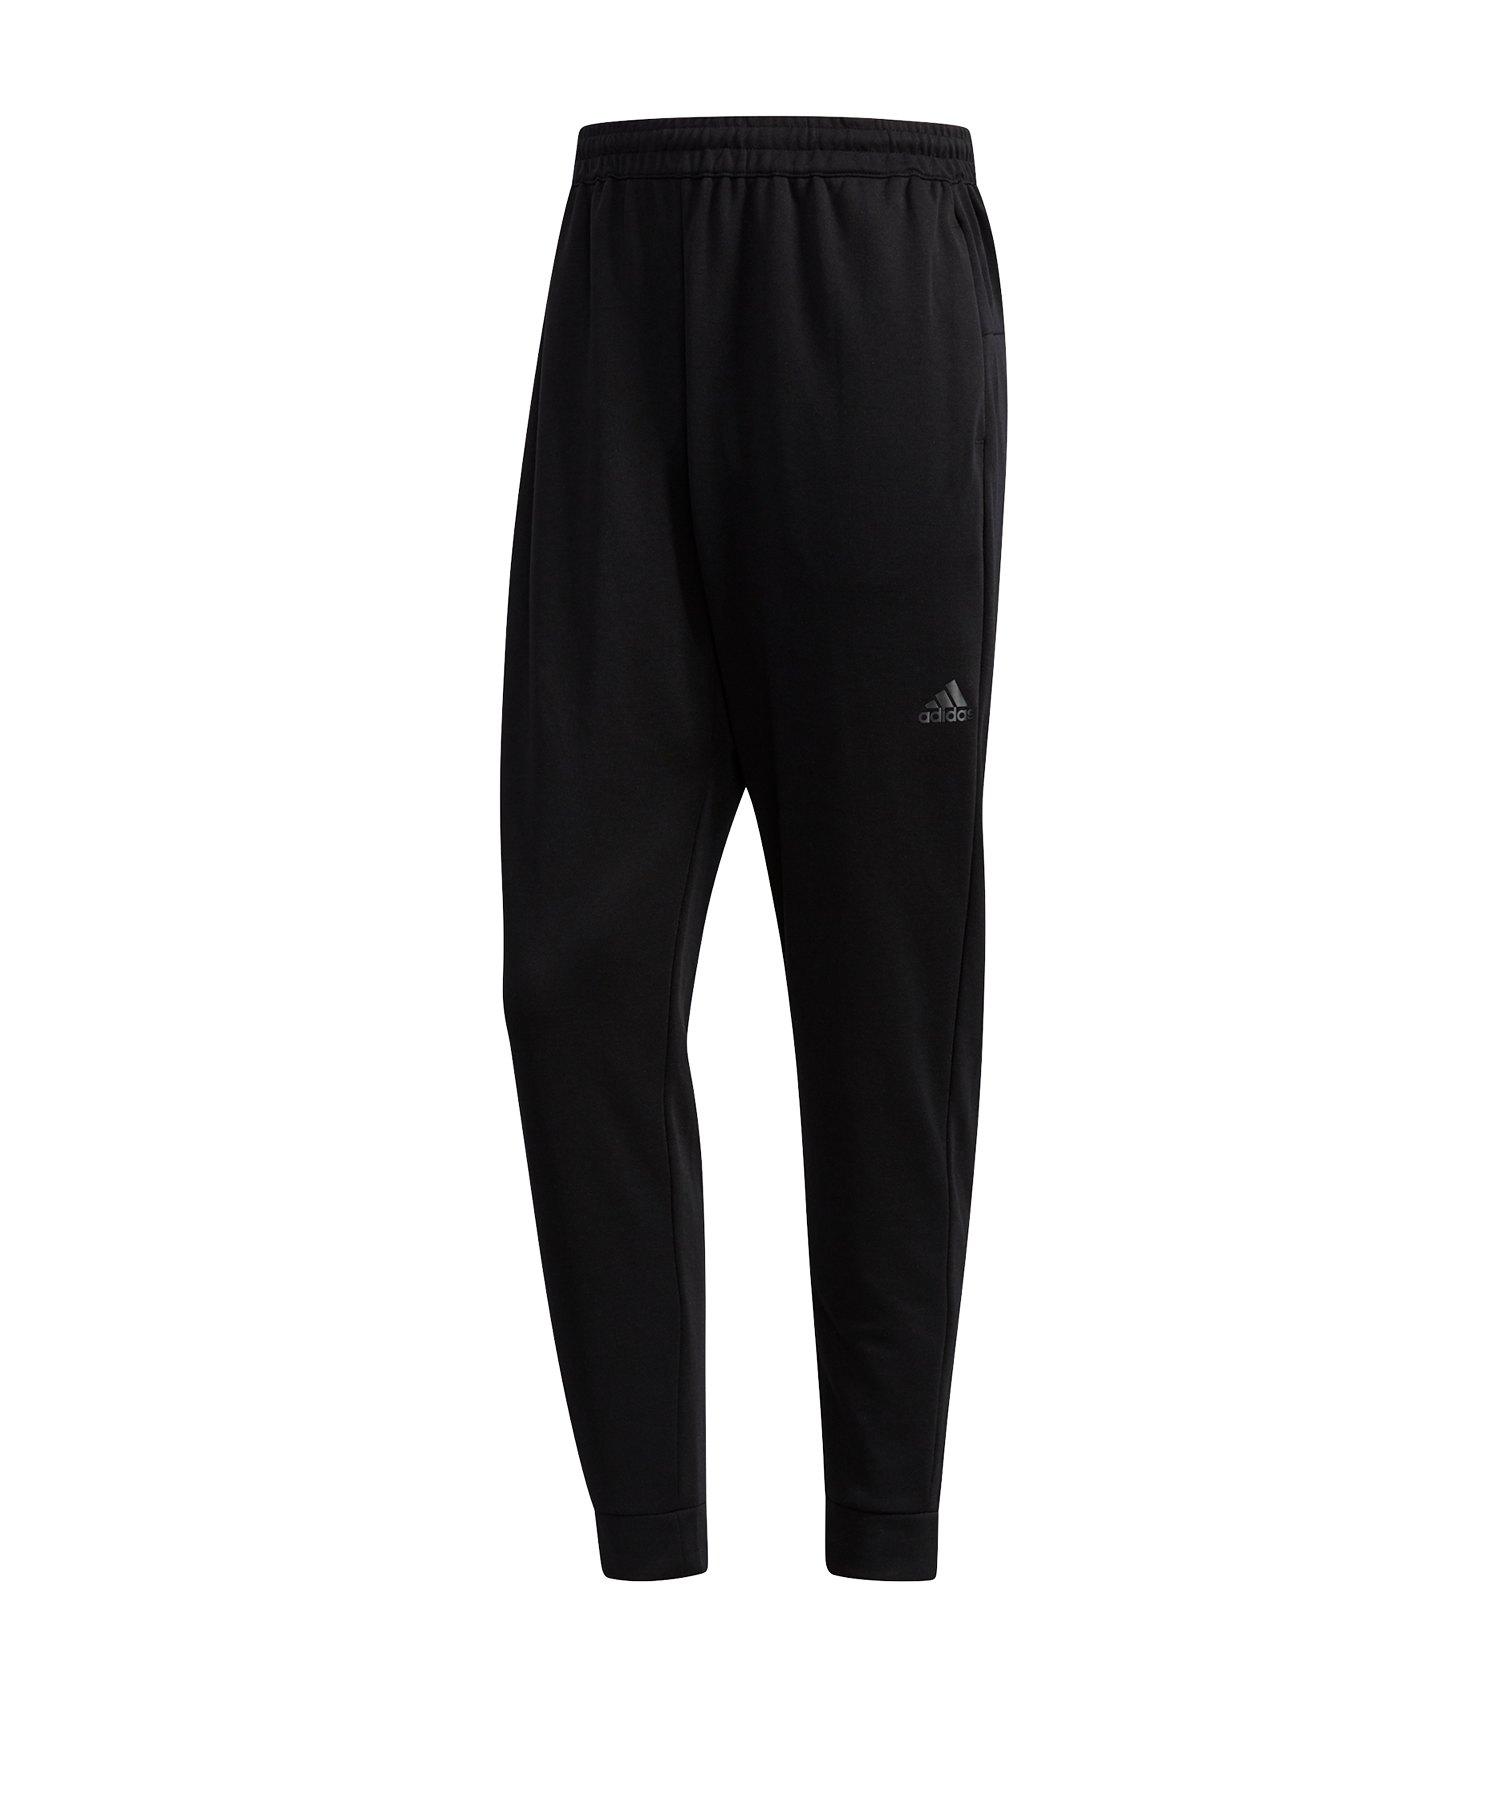 adidas Must Haves Sweat Pant Schwarz - schwarz